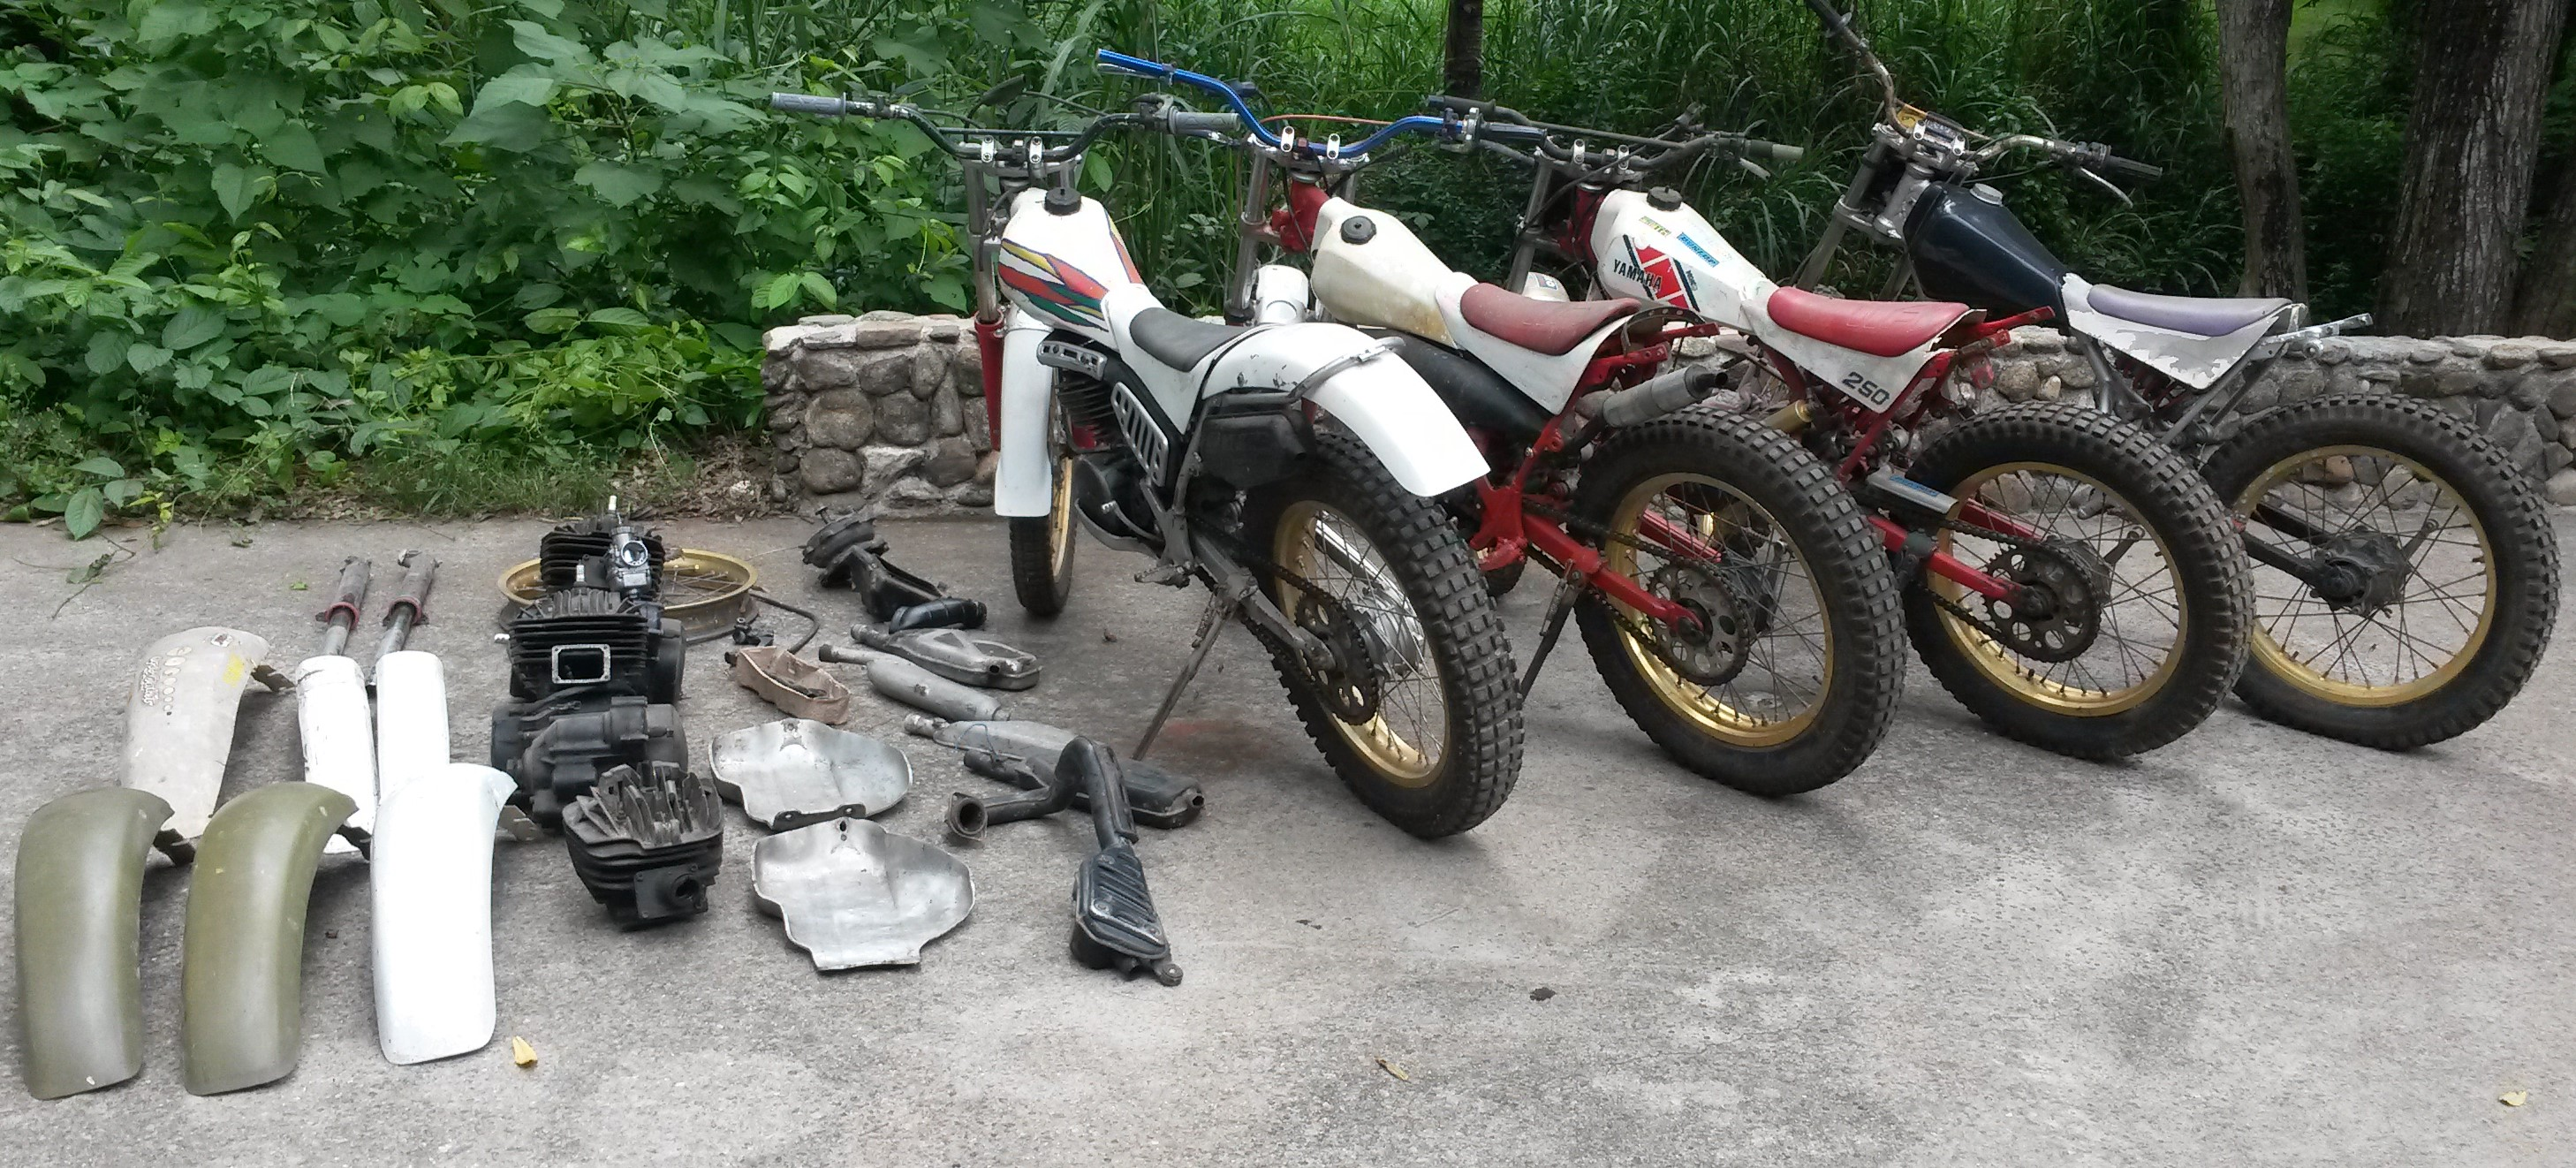 Yamaha TY 250 MONO  Pattern Front Mudguard  Red